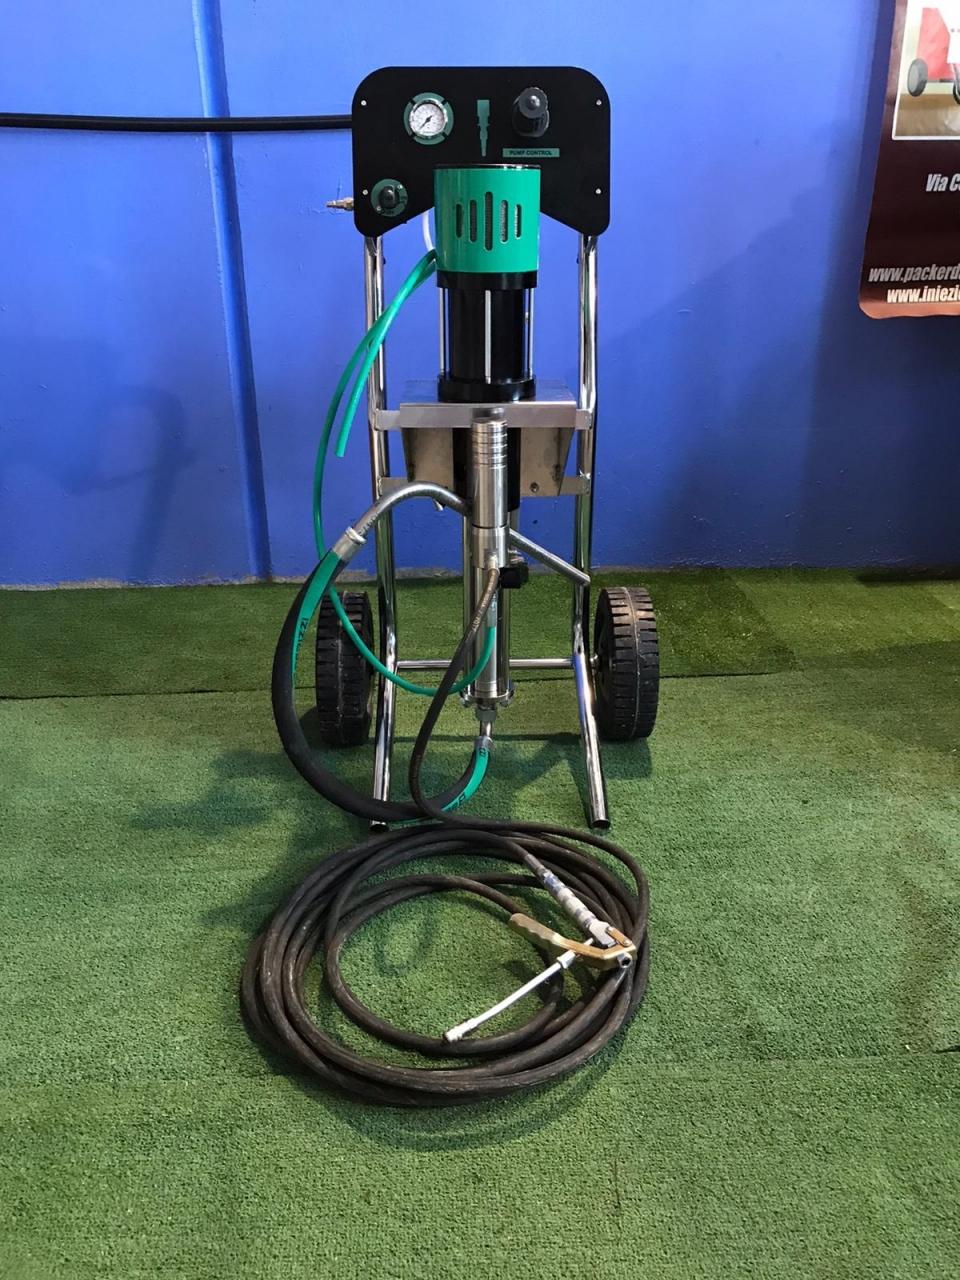 Pompa da iniezione pneumatica per resine idroespansive 2021